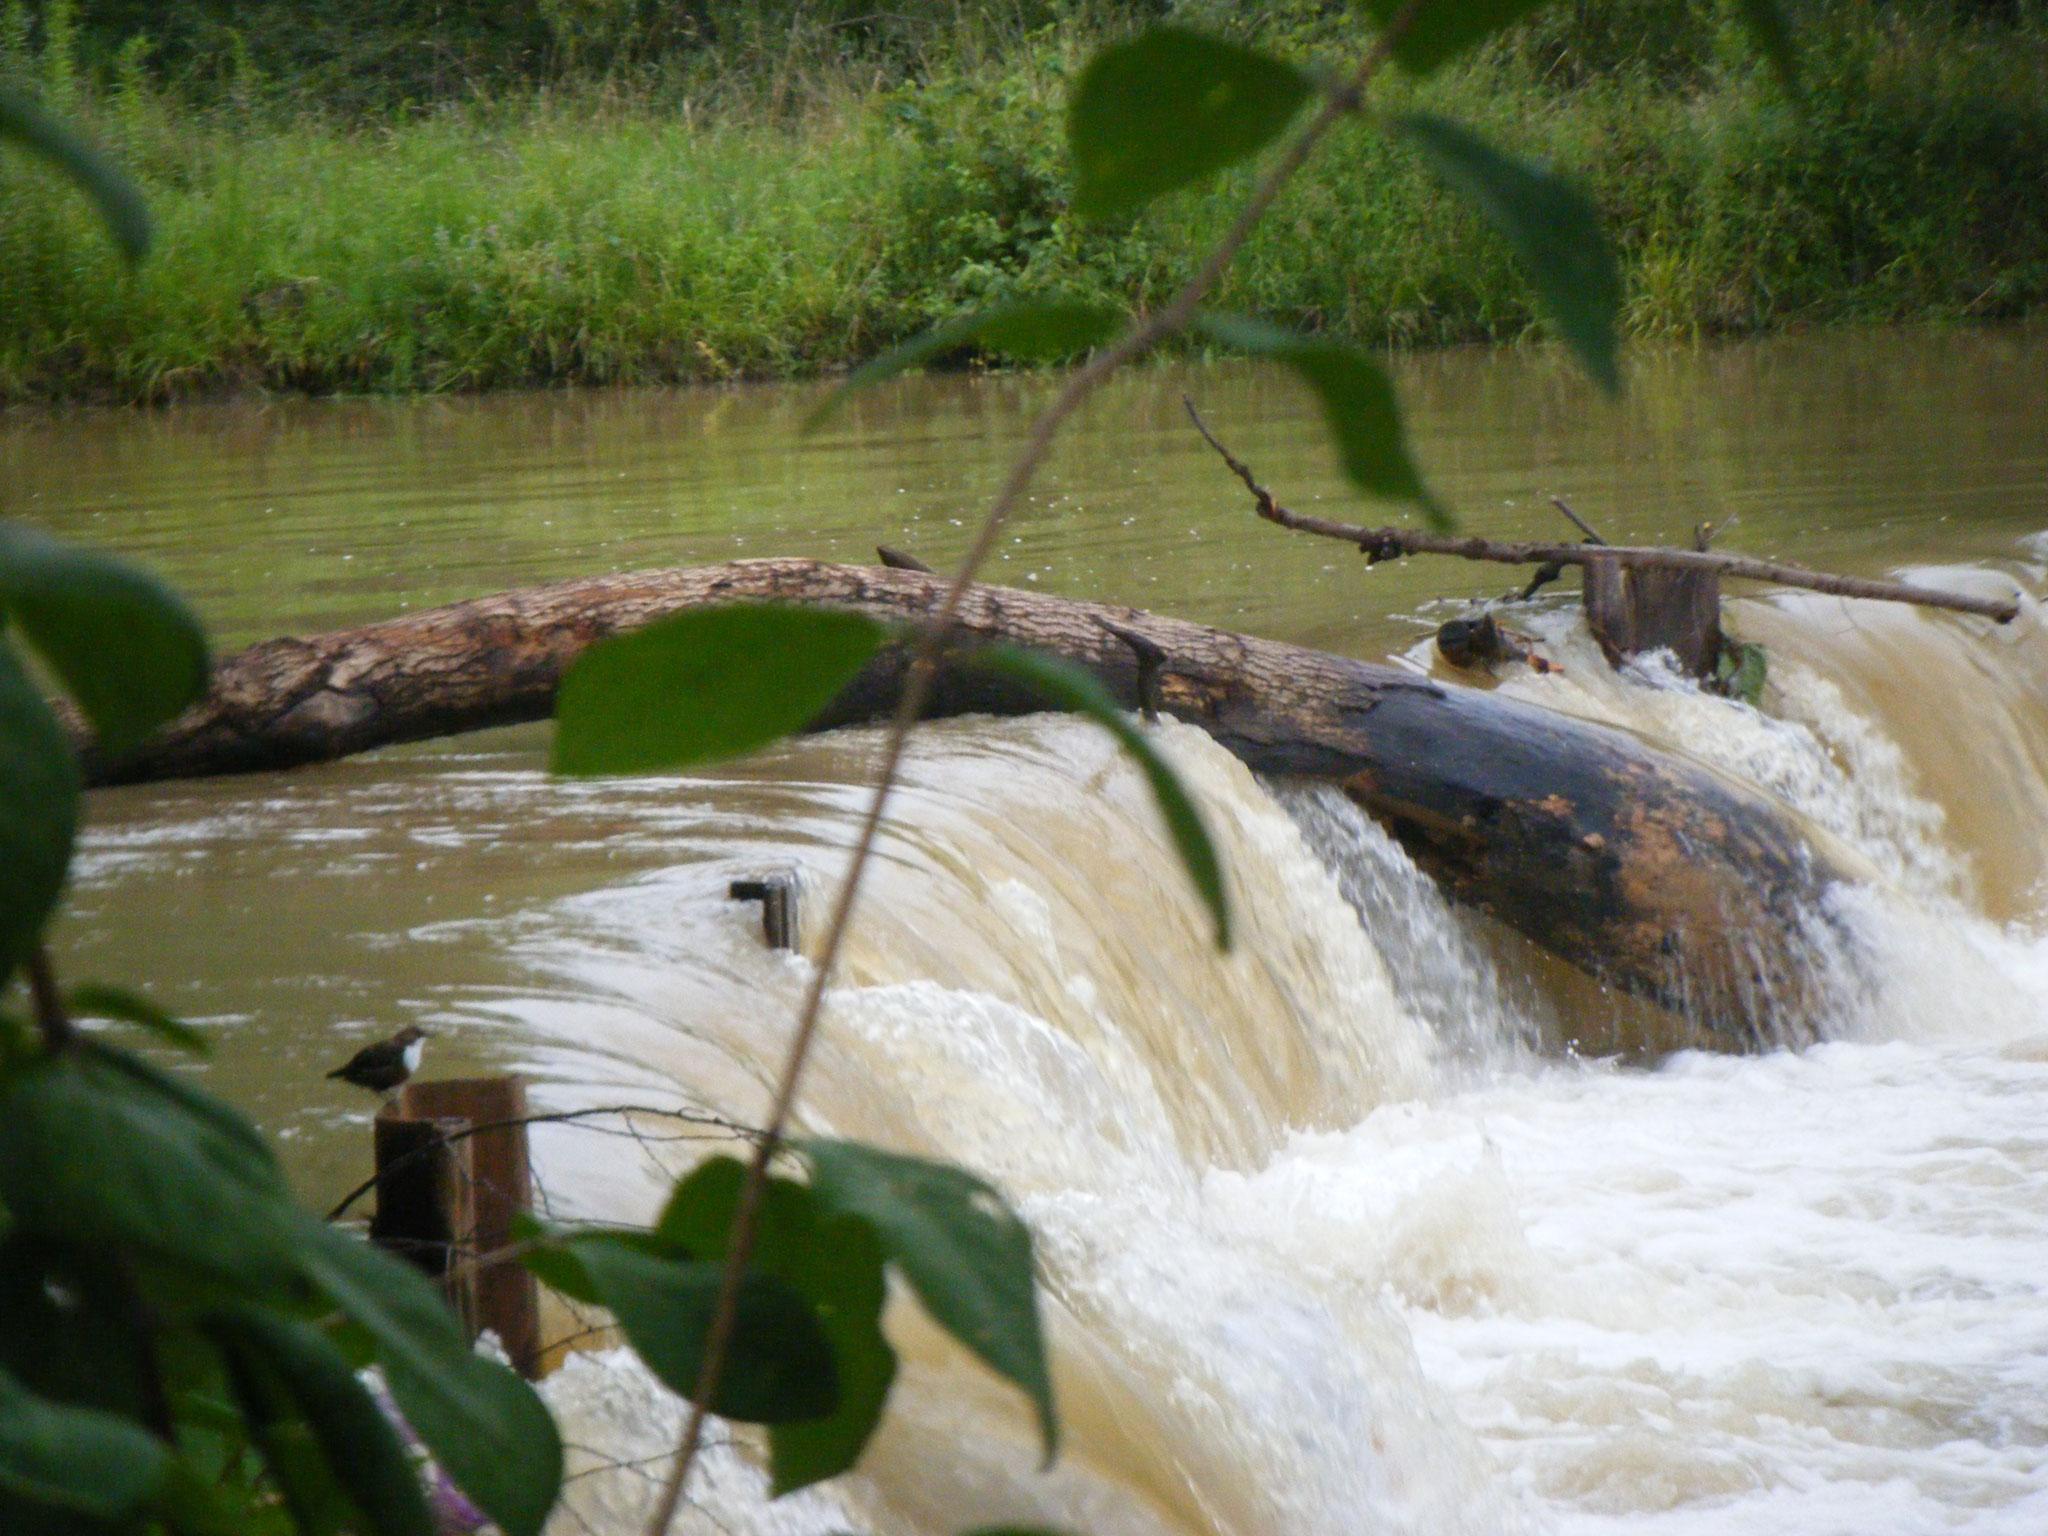 Das Wasser hat einen riesigen Baumstamm über die Spundwand gespült, der dort hängen geblieben ist und sich wie eine Wippe wiegt, im Vordergrund links eine Wasseramsel